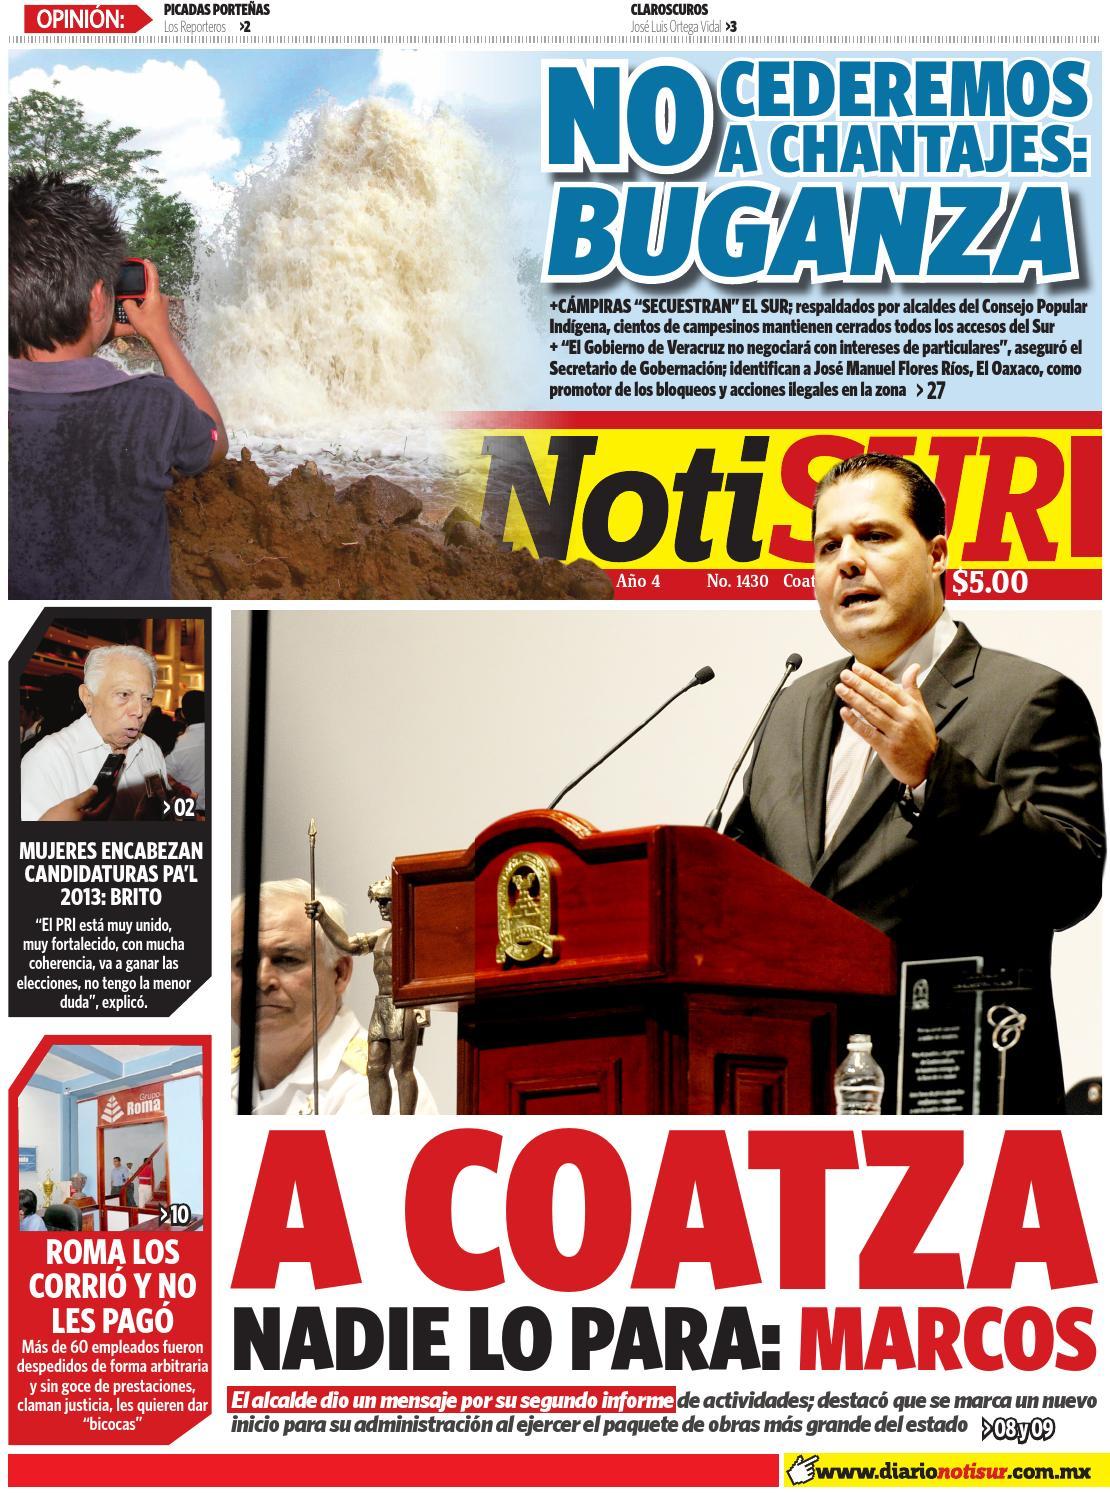 Notisur 18 De Diciembre 2012 By Diario Notisur Coatzacoalcos 2012  # Muebles Buganza